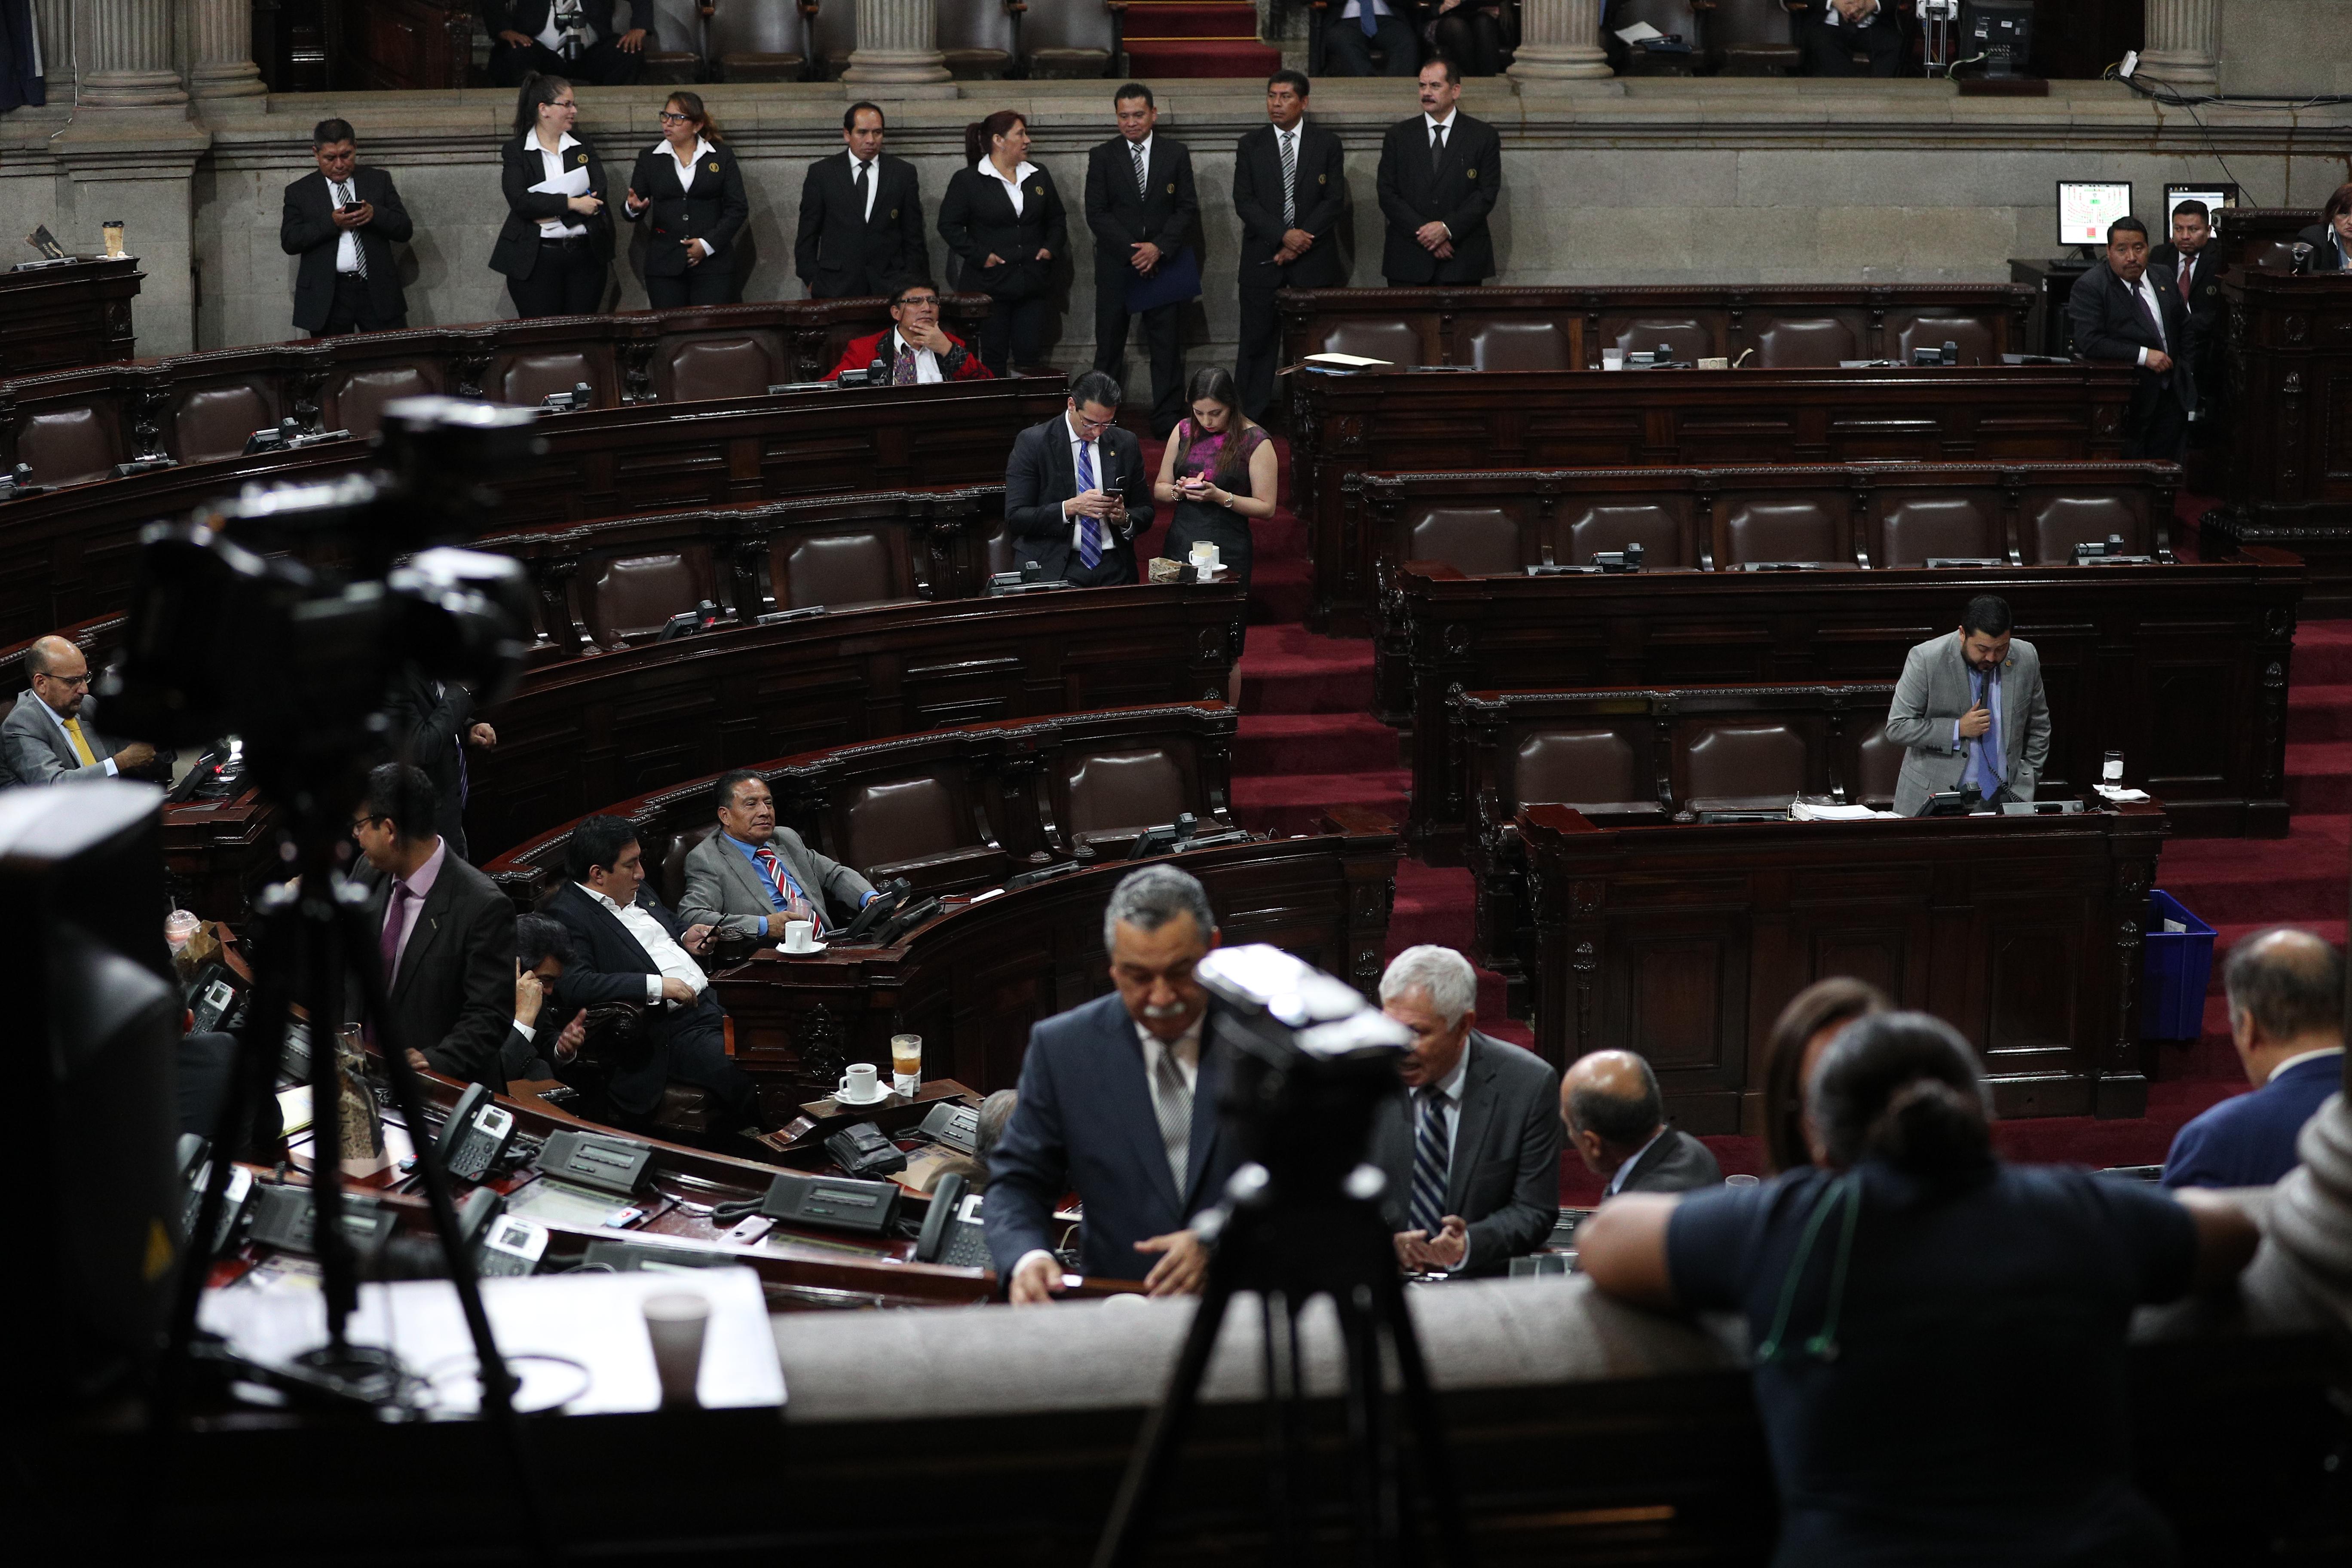 DŽcimo tercera Sesi—n Plenaria del Congreso de la Repœblica, la cual se suspendi— por falta de quorum.  foto por Carlos Hern‡ndez Ovalle 19/02/2019